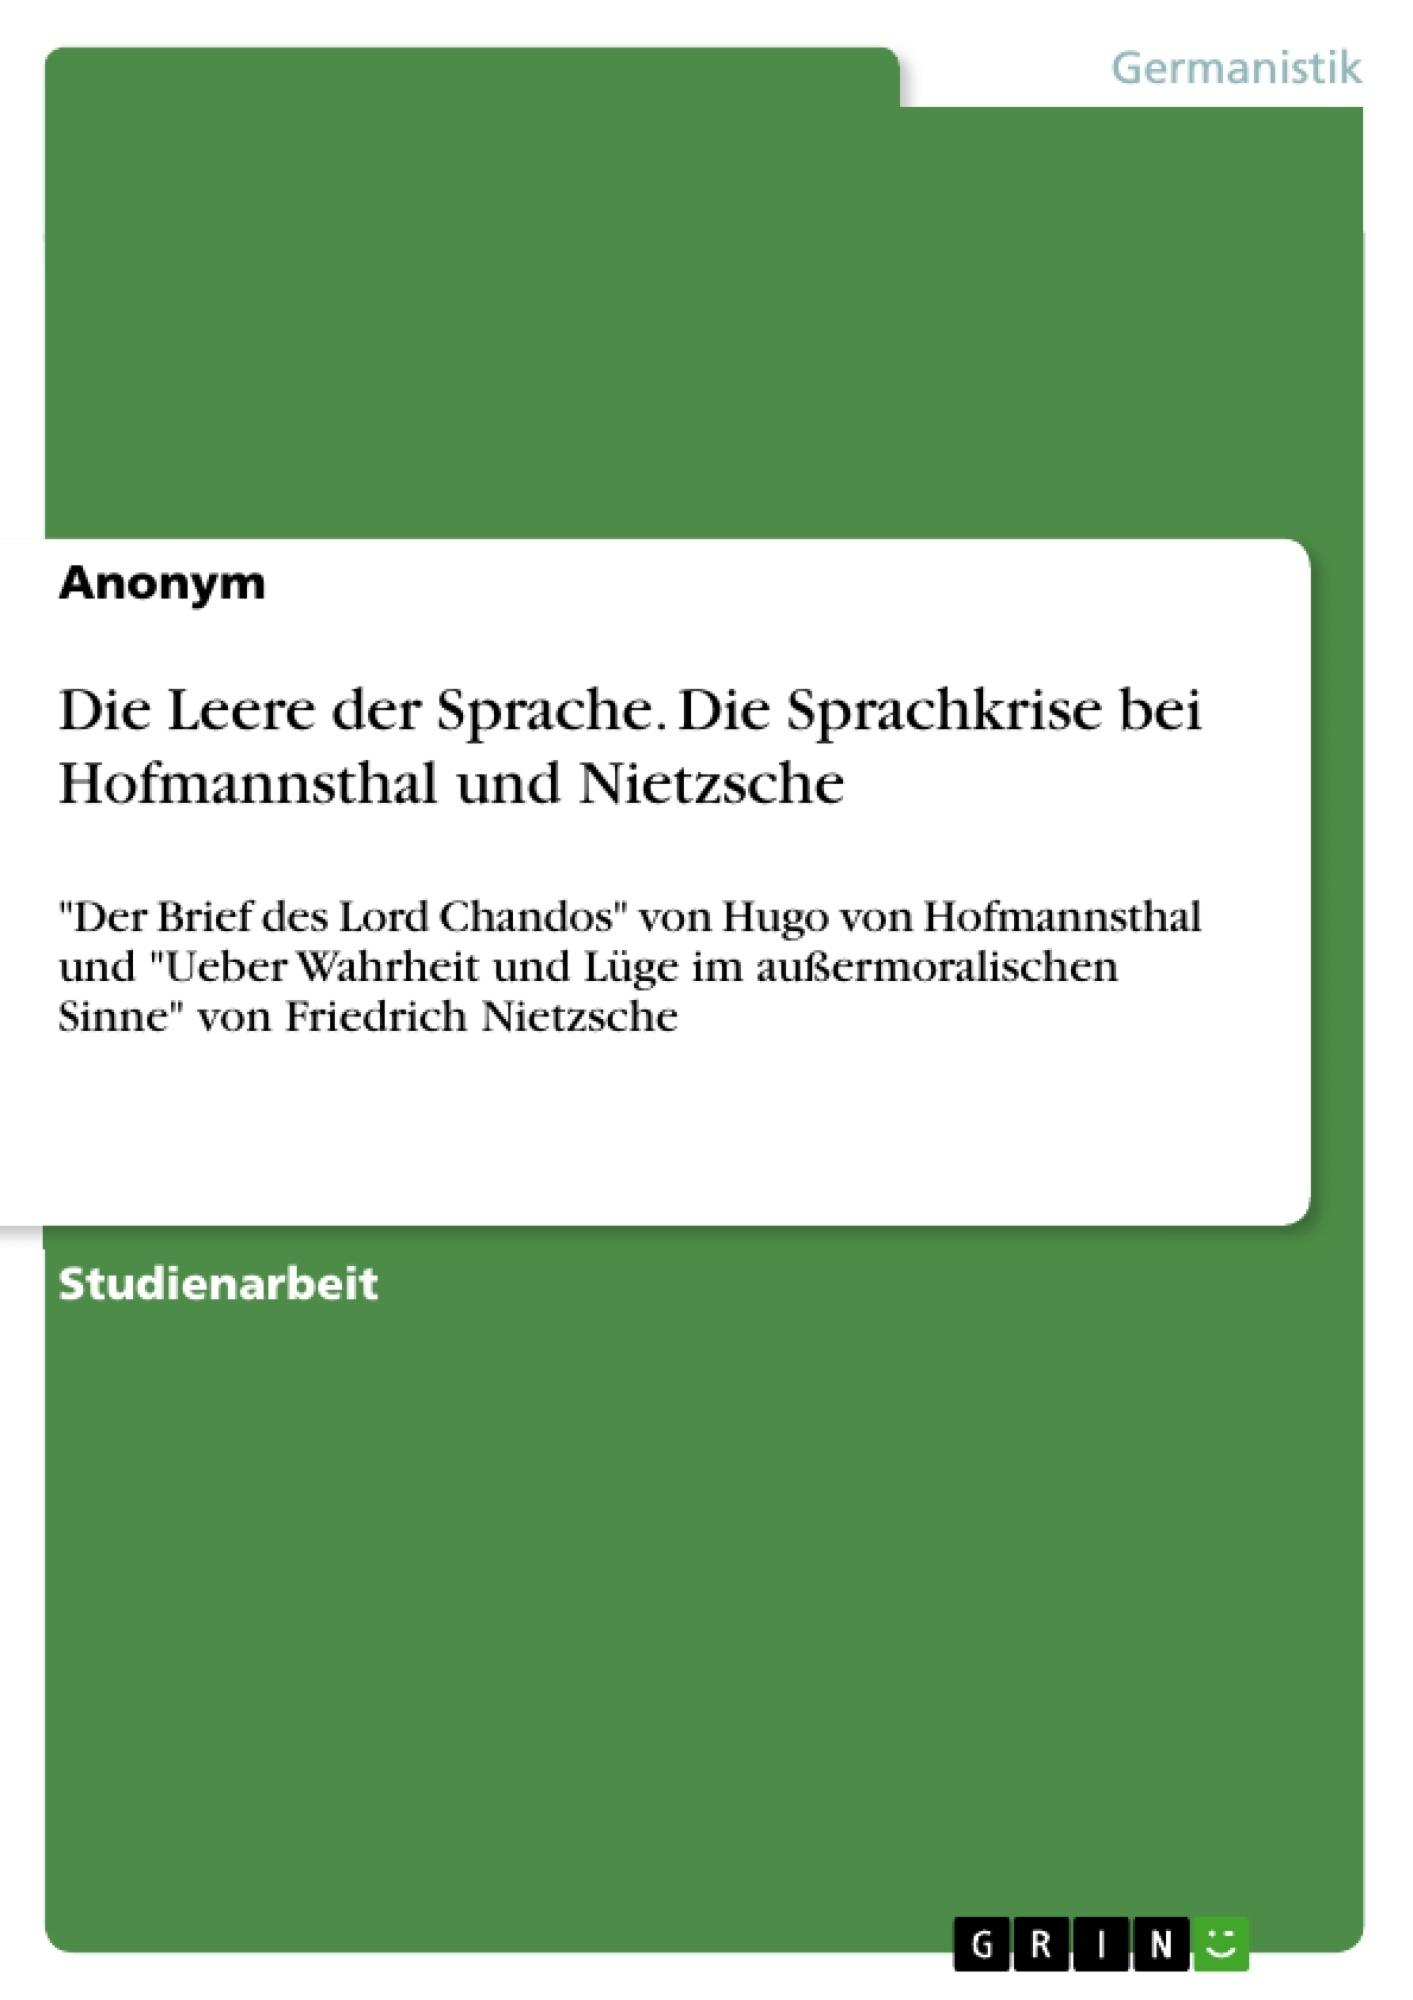 Titel: Die Leere der Sprache. Die Sprachkrise bei Hofmannsthal und Nietzsche